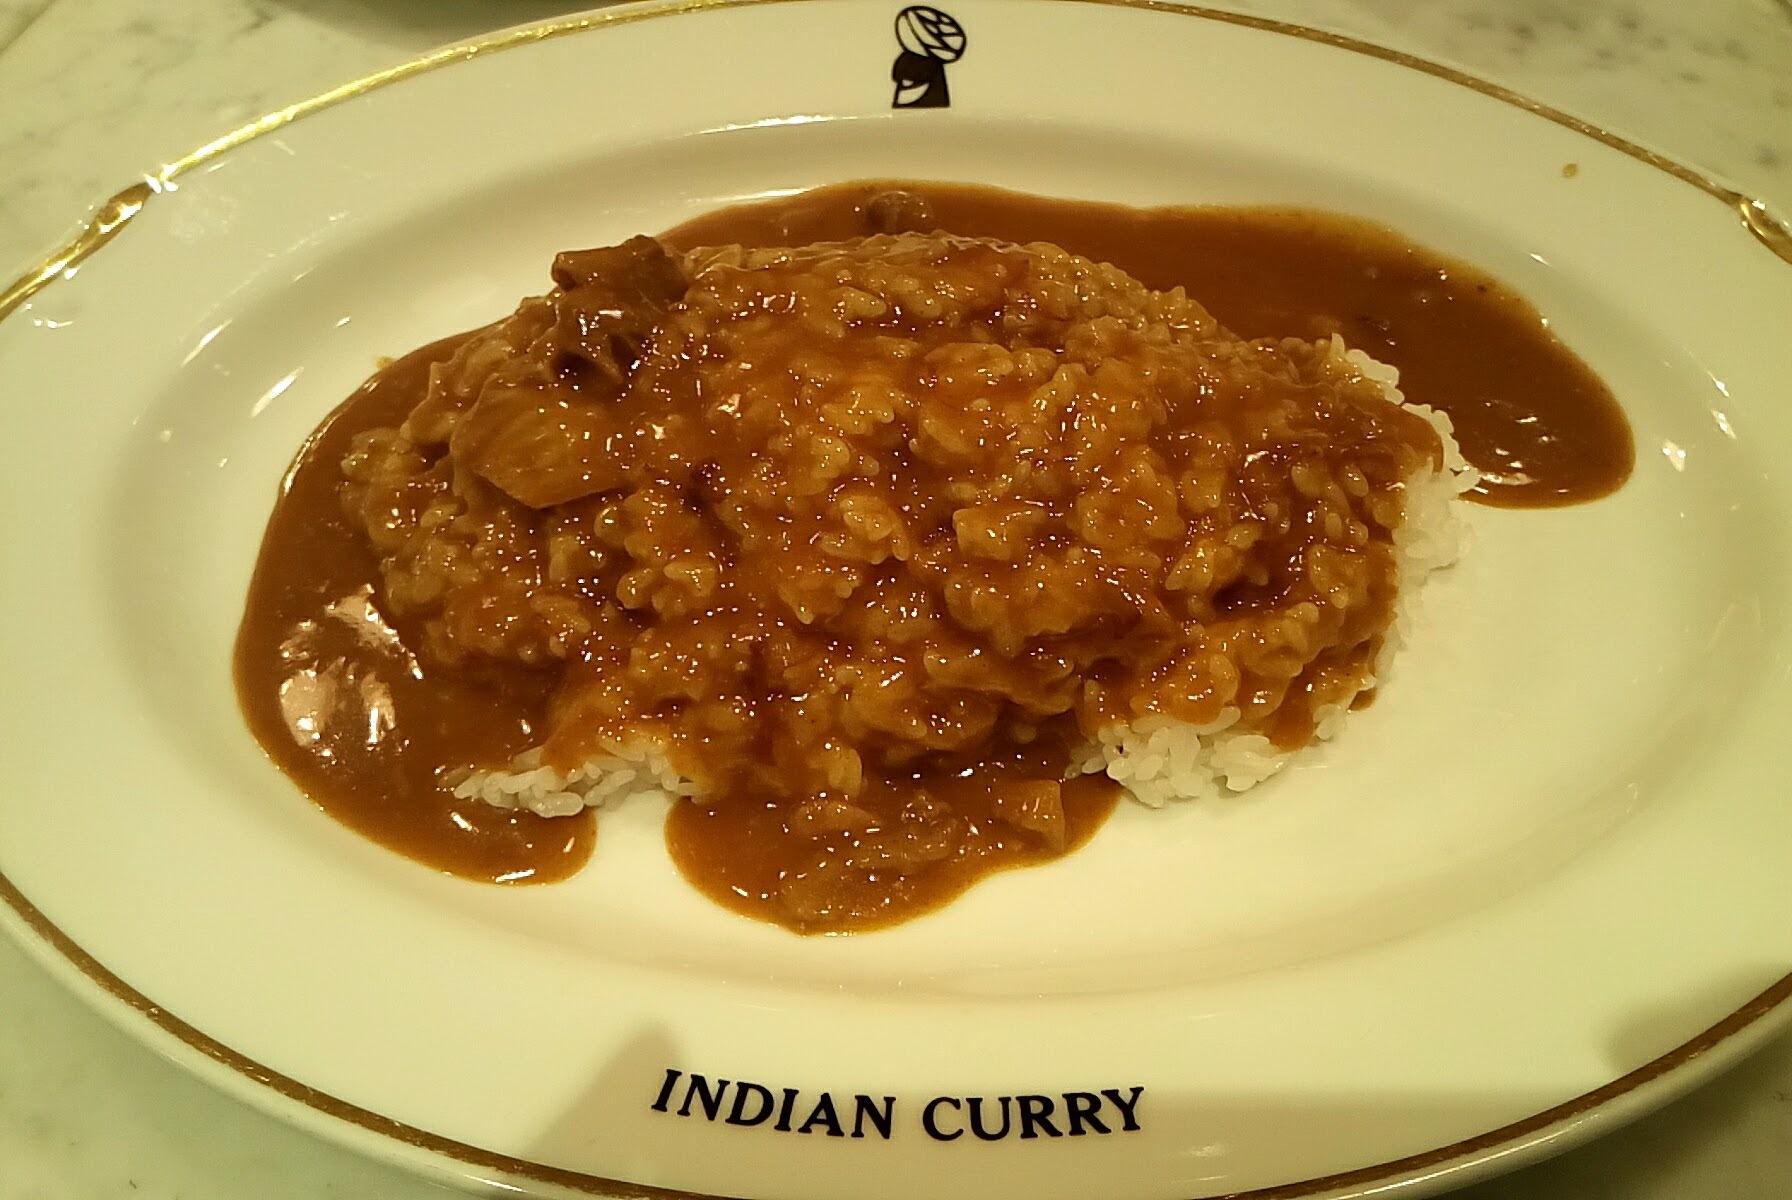 ここのカレー久々に食べてみた インデアンカレー